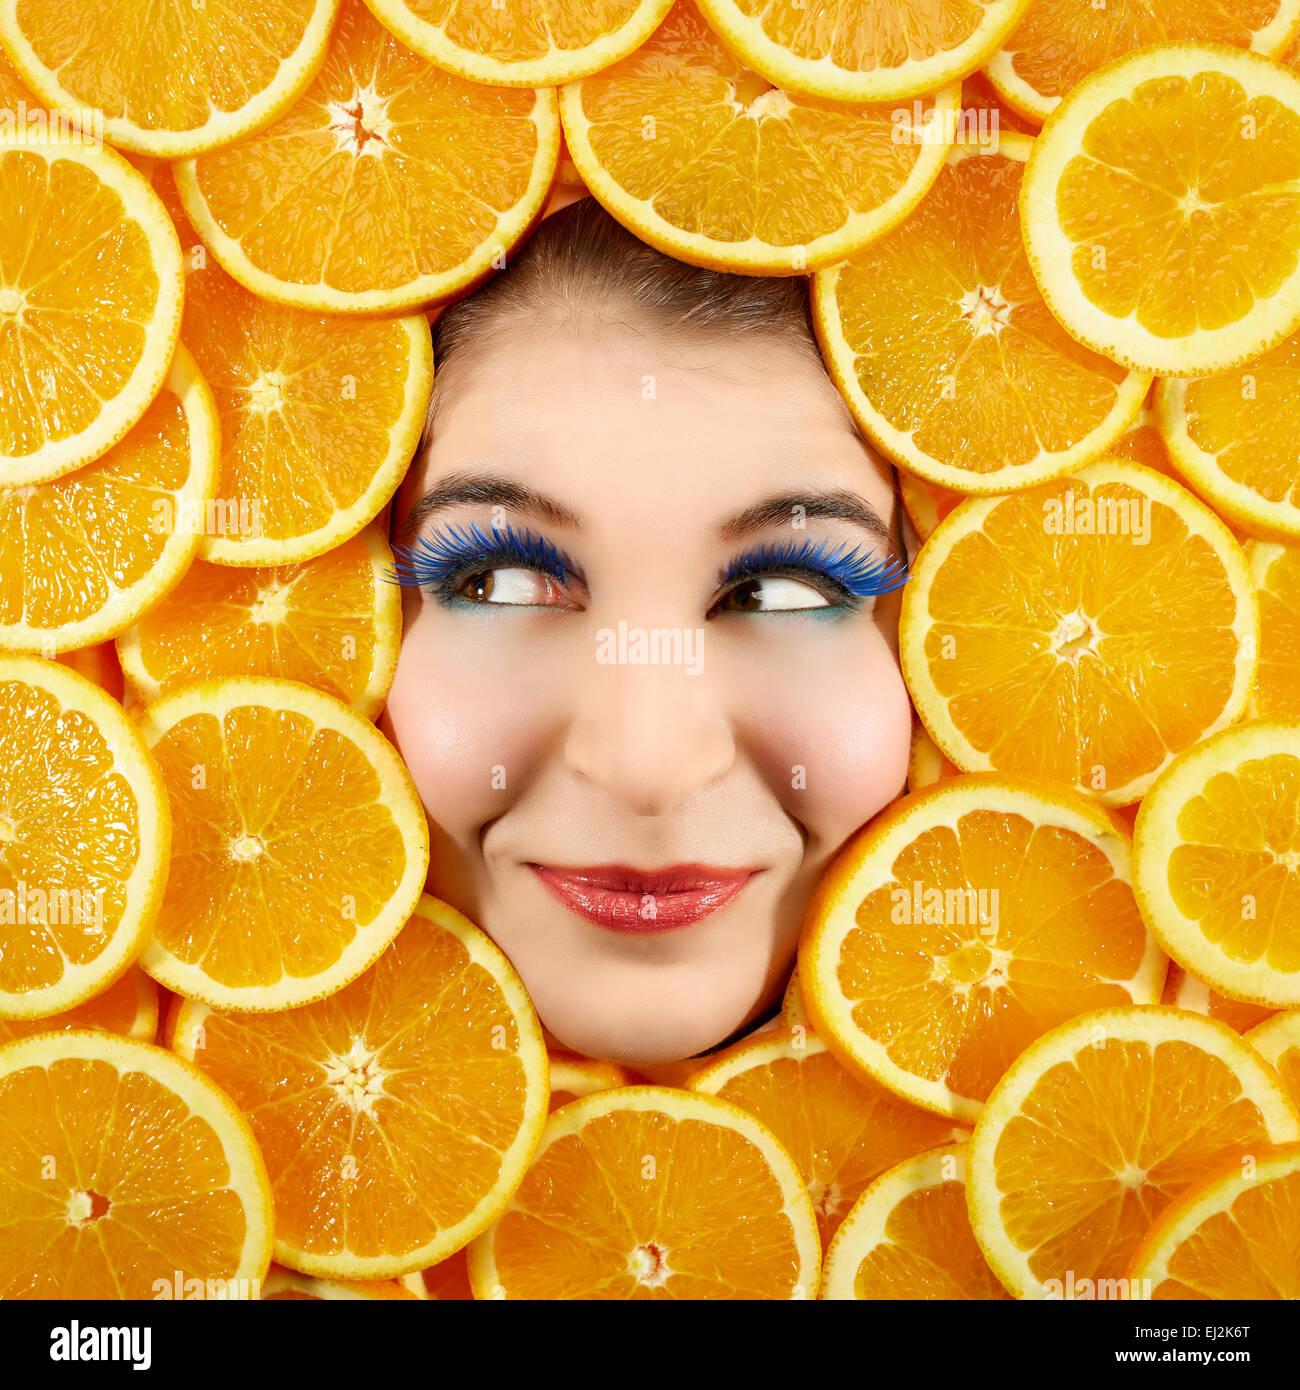 Schöne Frau Ausdruck Gesicht mit Orangenscheibe Rahmen Stockfoto ...